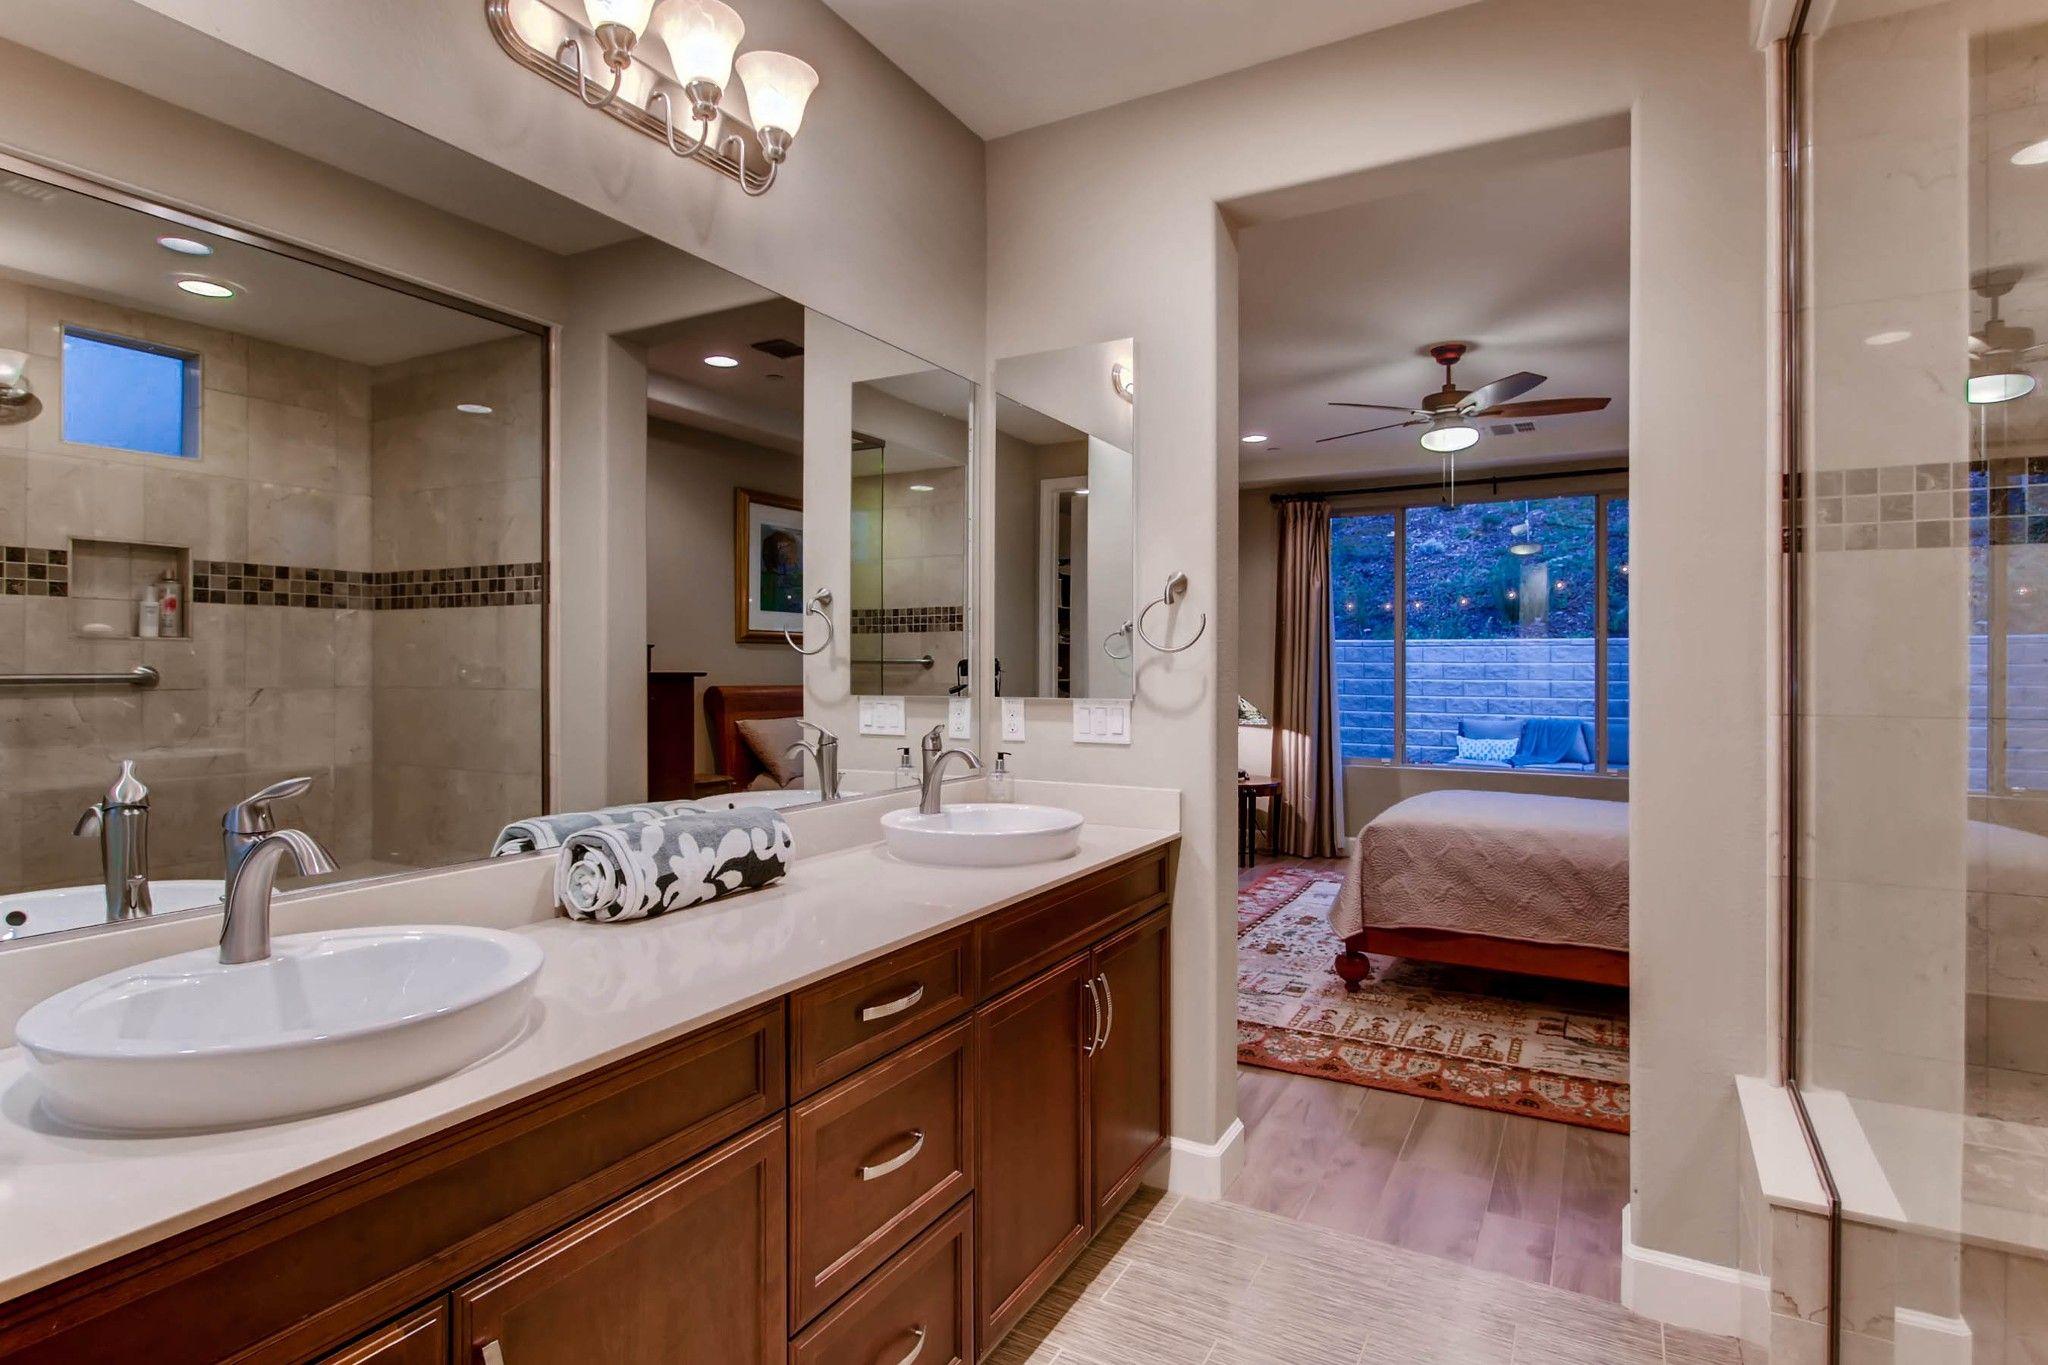 Photo 15: Photos: Residential for sale : 5 bedrooms : 443 Machado Way in Vista